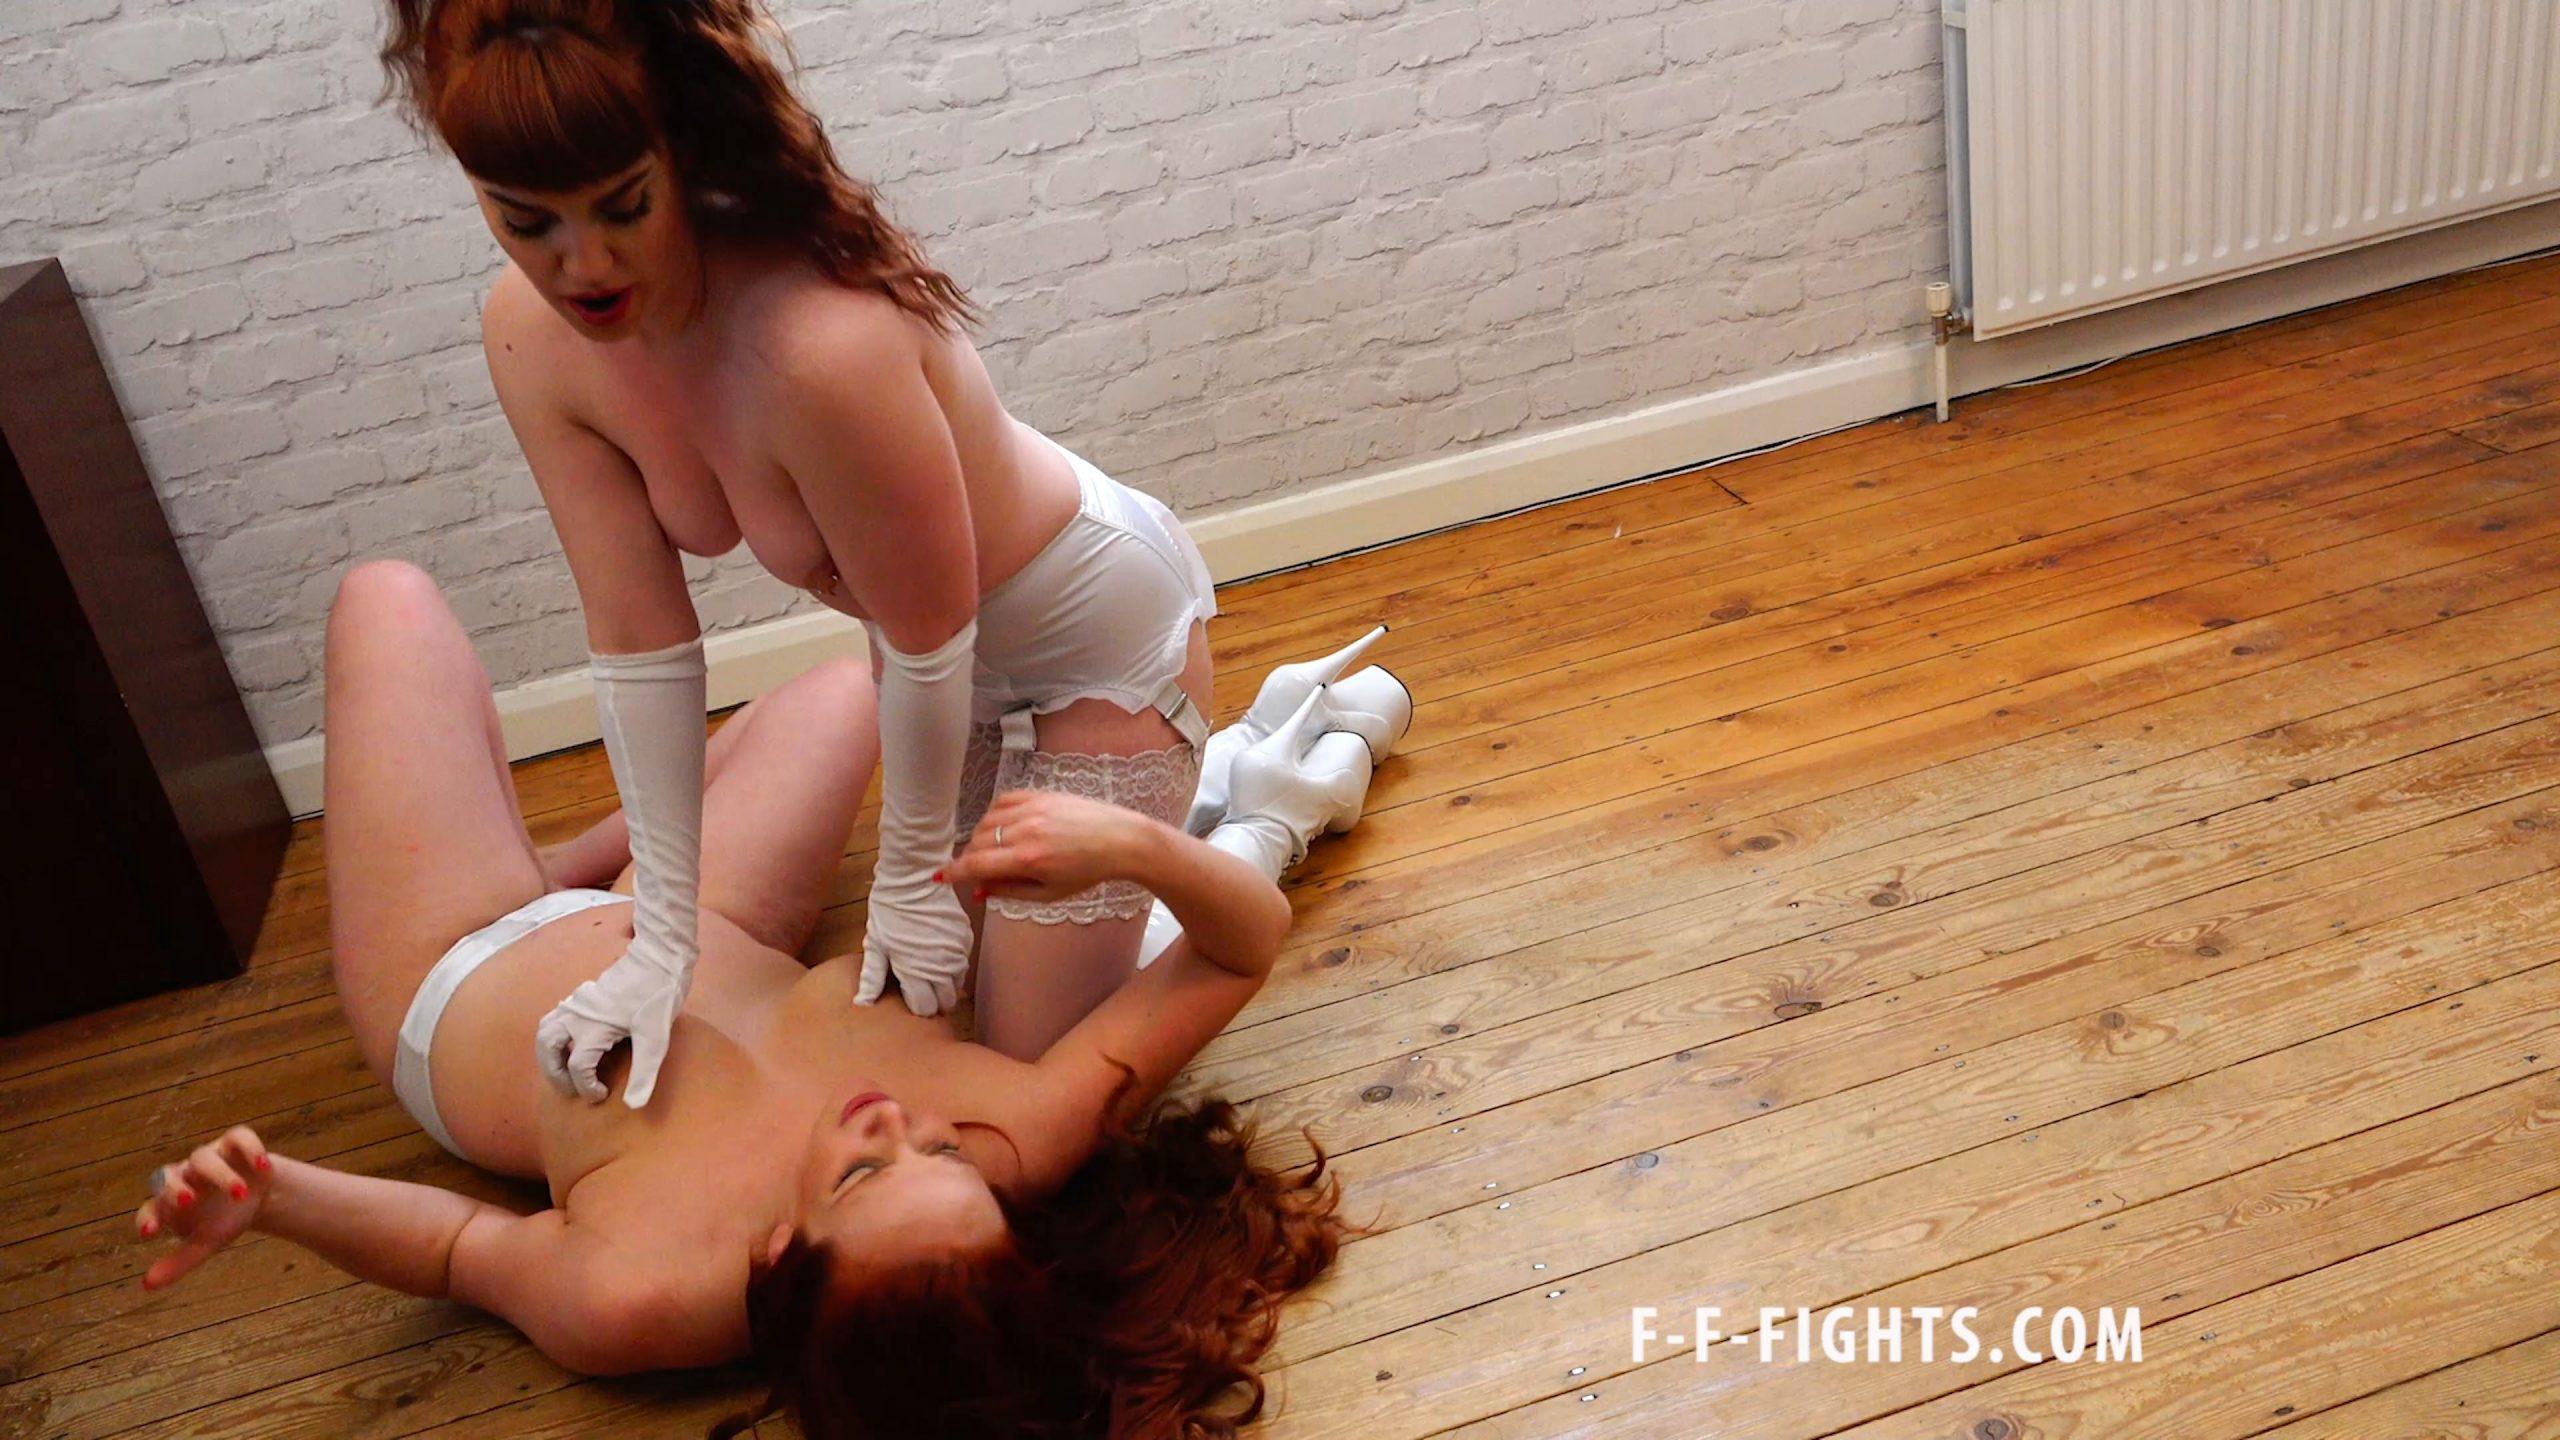 Zoe Page - F-F-FIGHTS - FULL HD/2160p/MP4